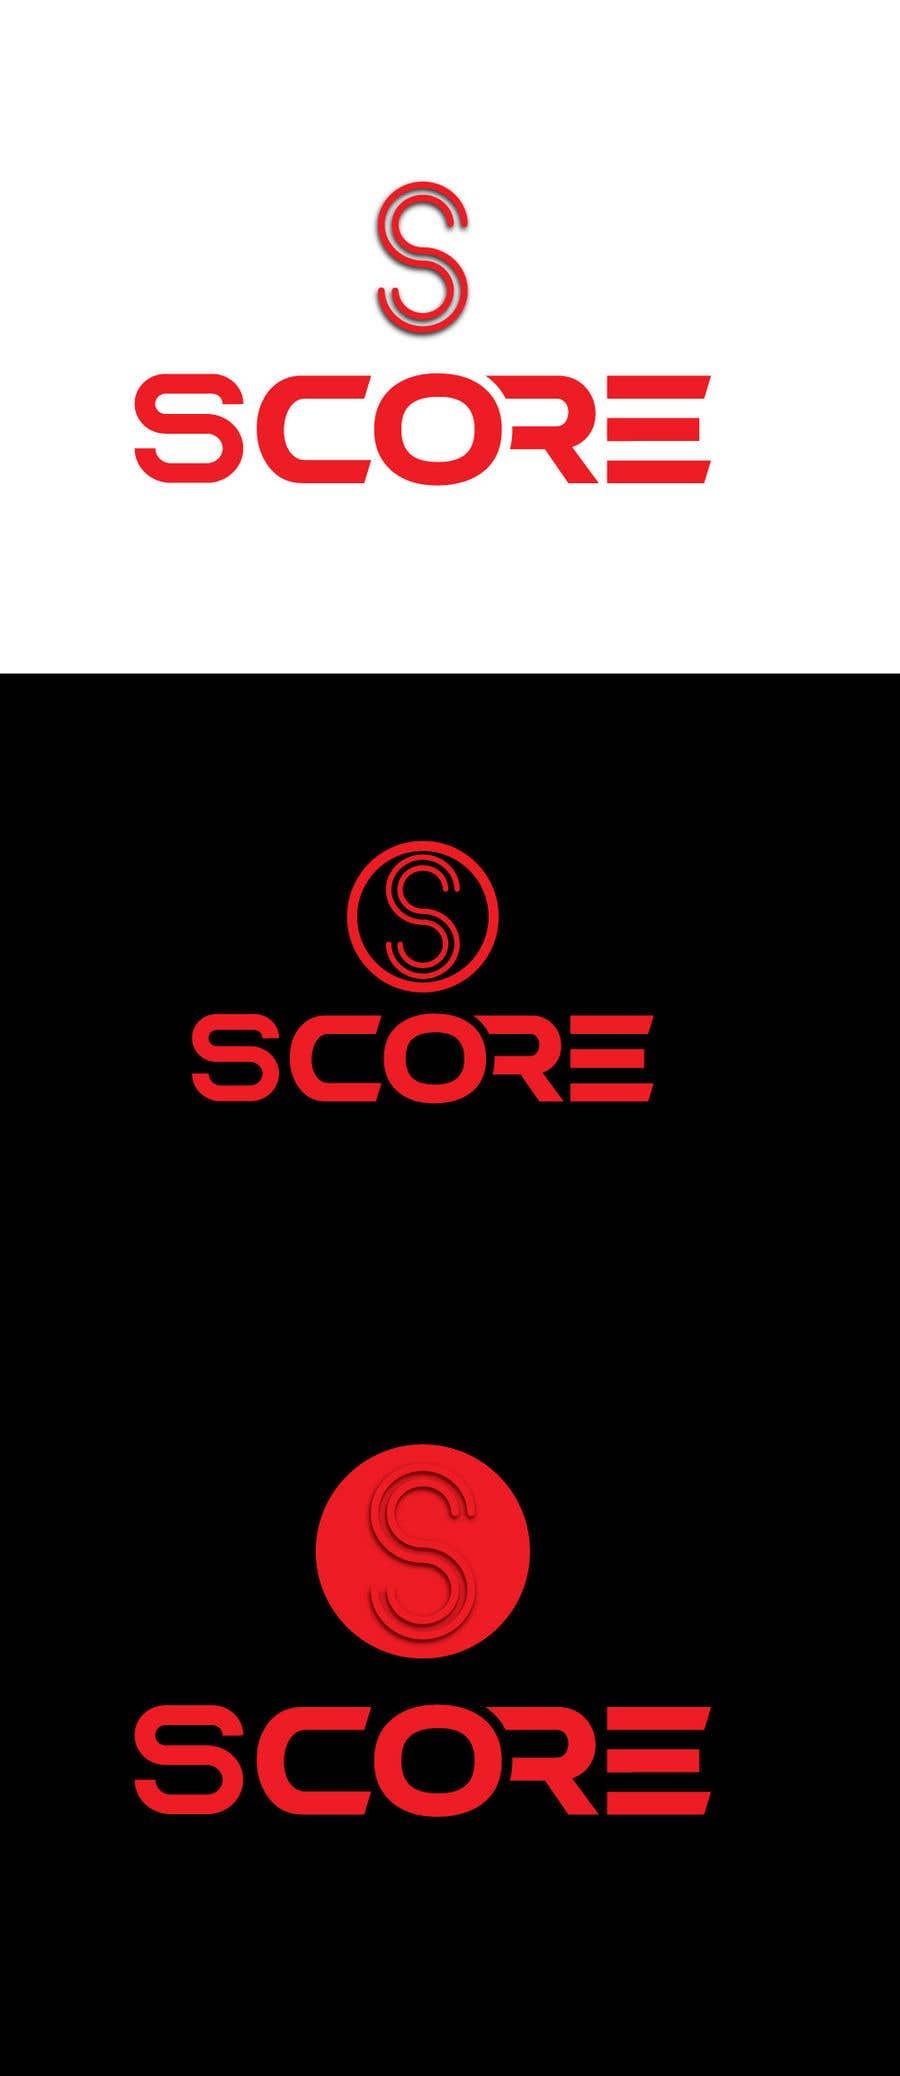 Penyertaan Peraduan #                                        149                                      untuk                                         logo design - 25/01/2021 10:04 EST